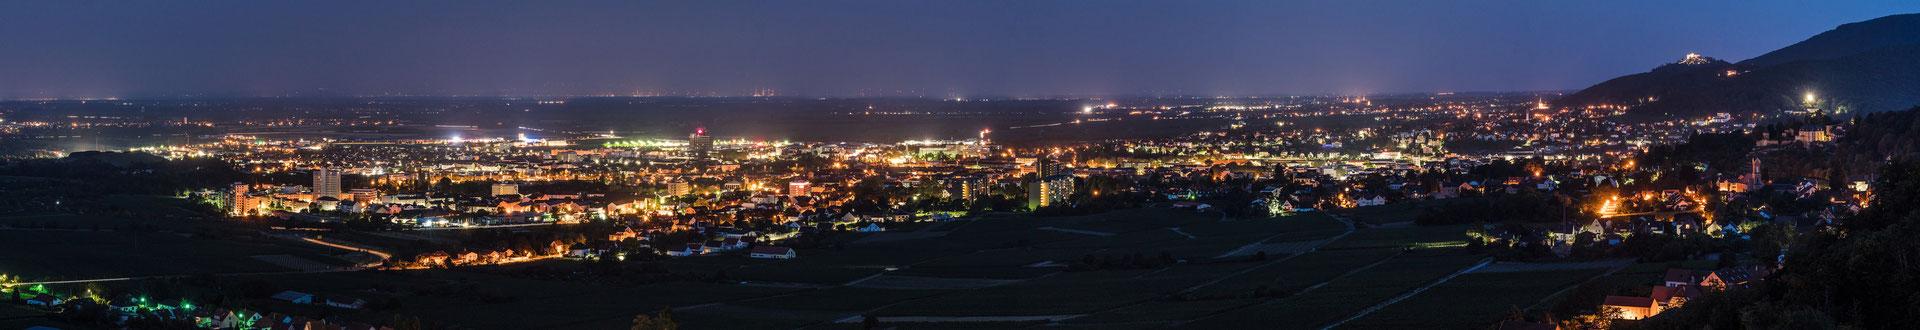 Nachtpanorama Neustadt